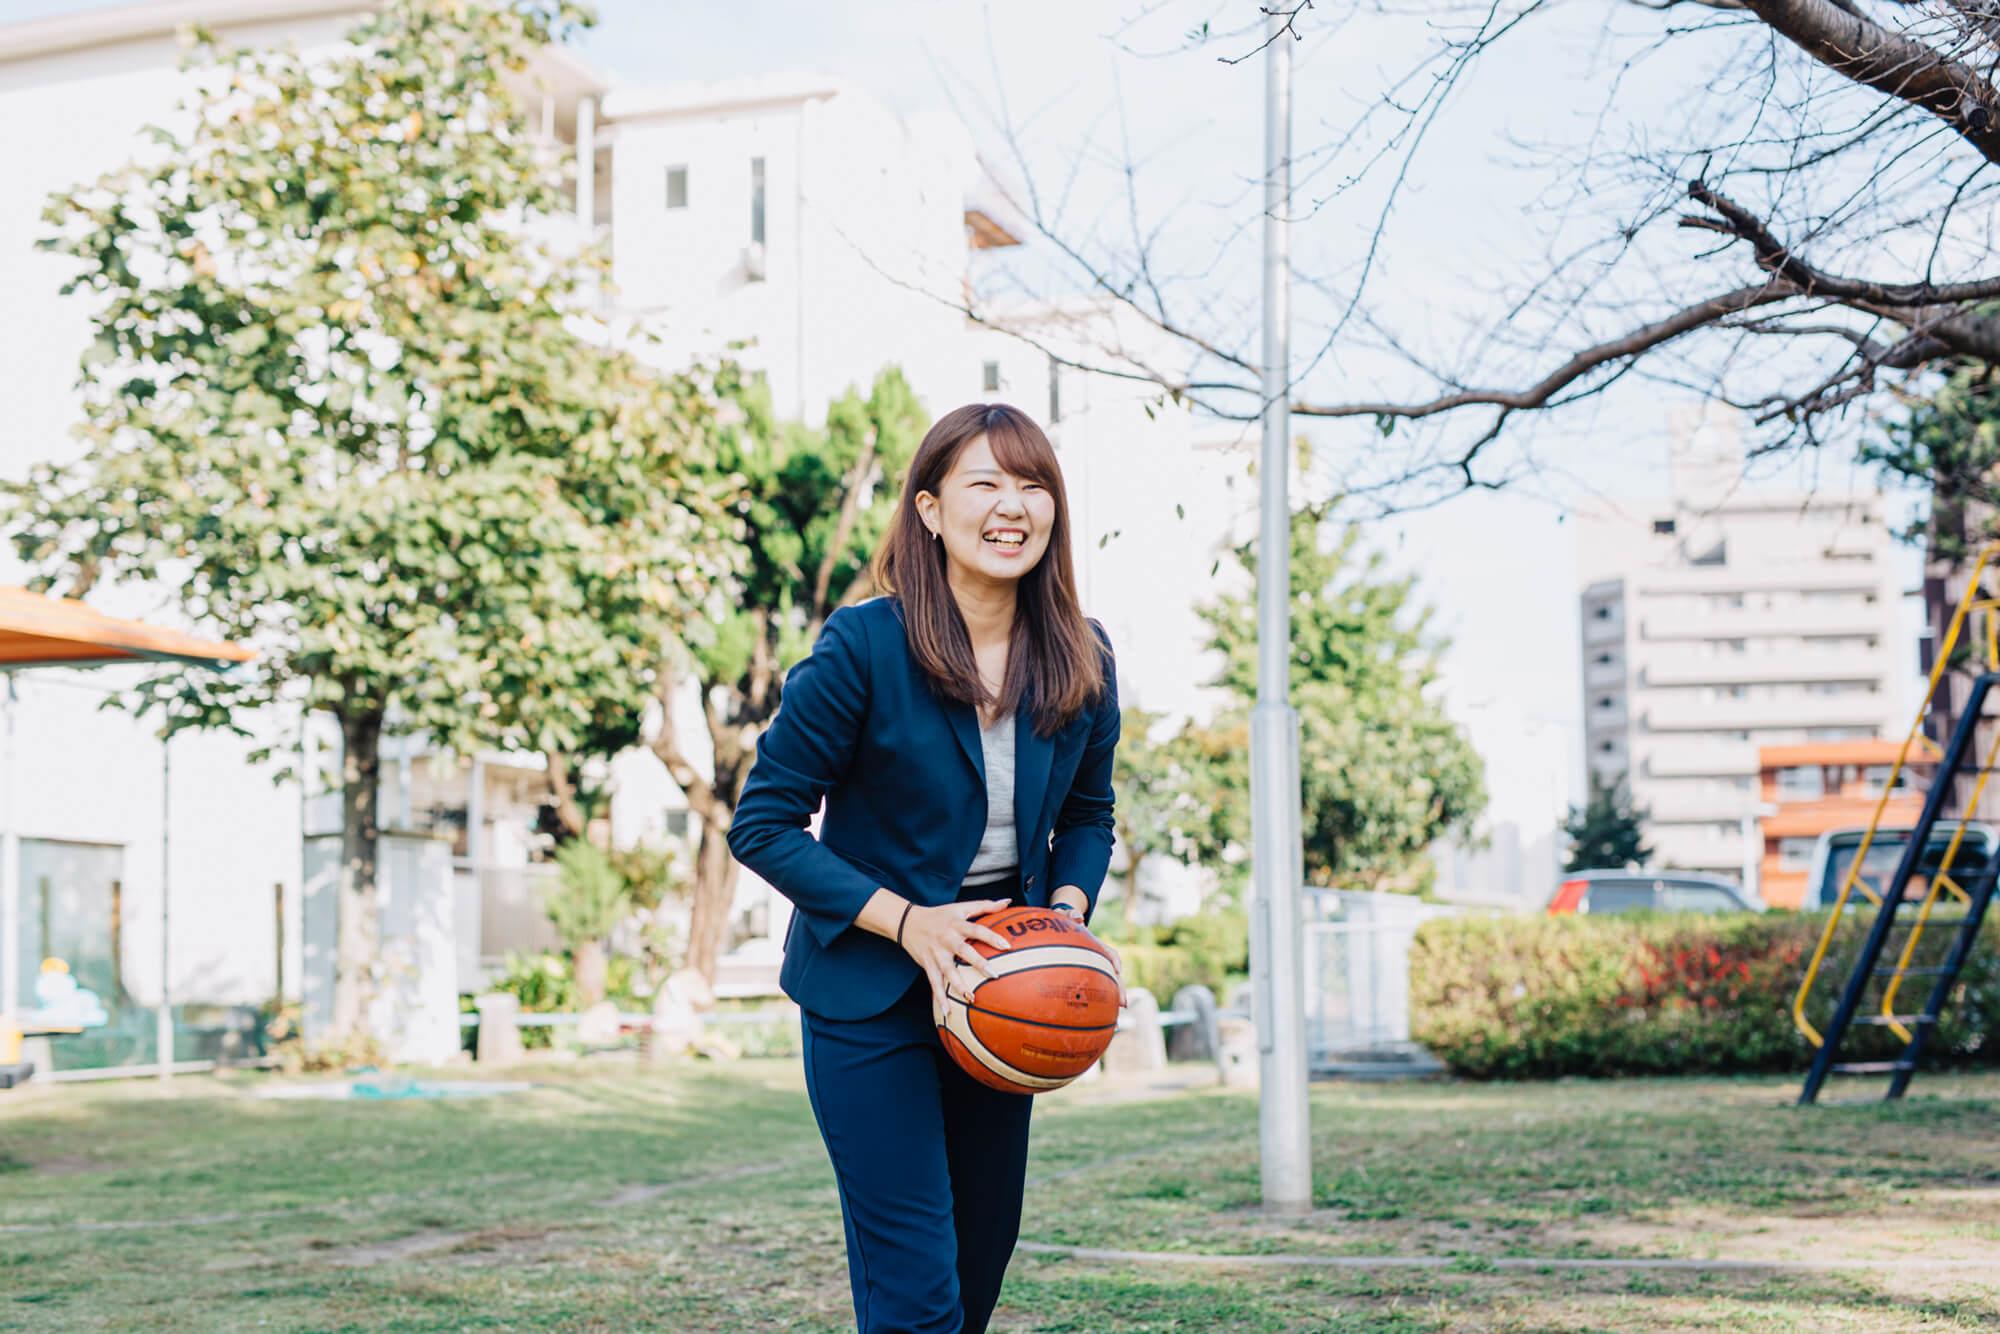 公園でバスケットボールを楽しむ女性